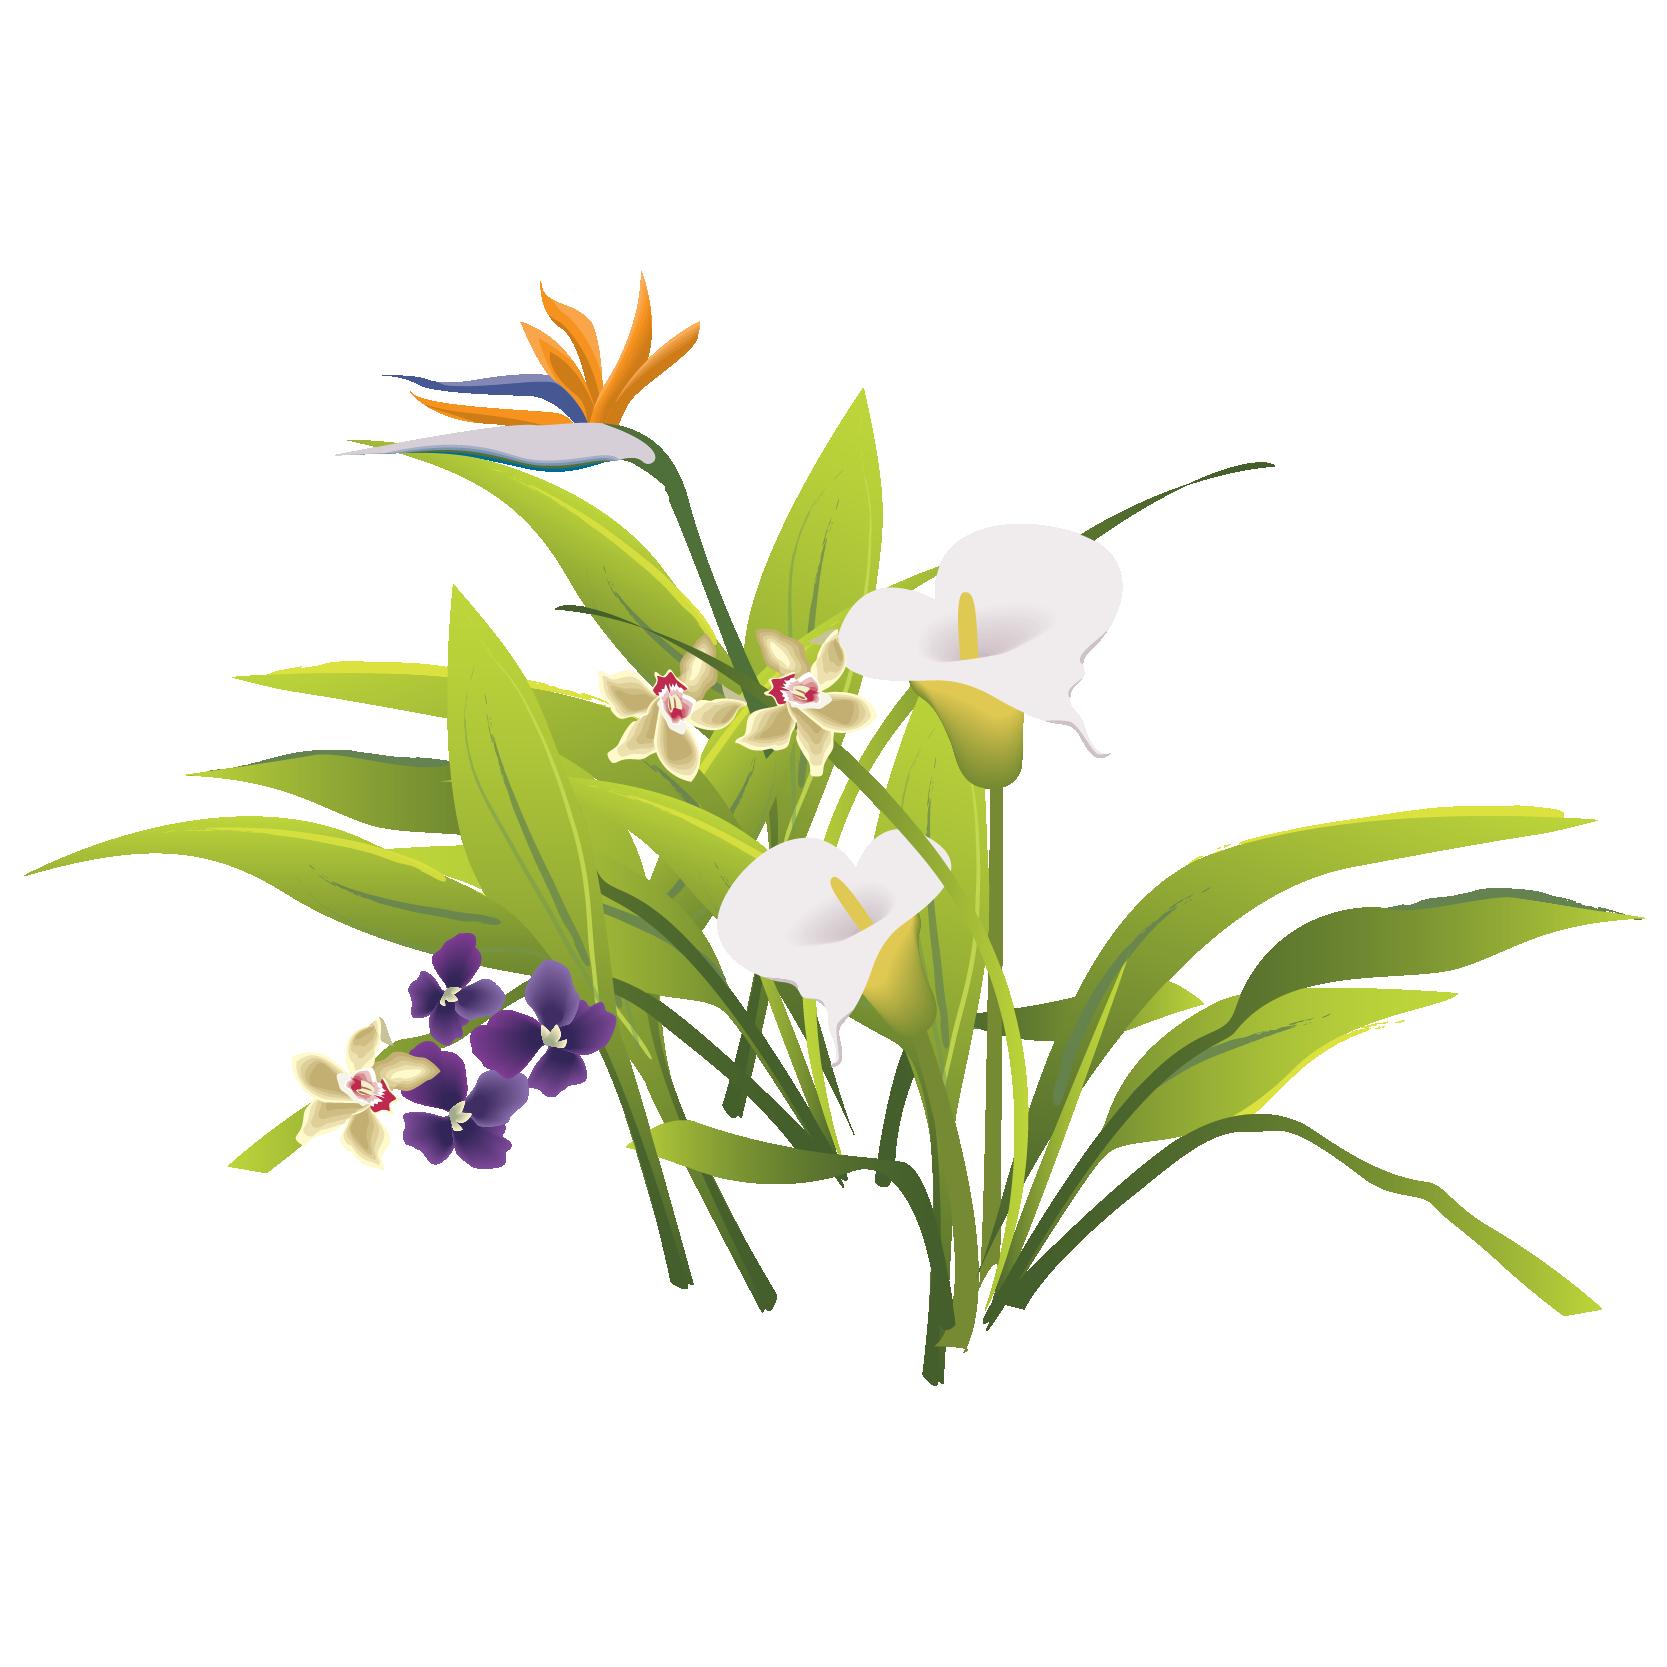 1667x1667 Floral Design Flower Bouquet